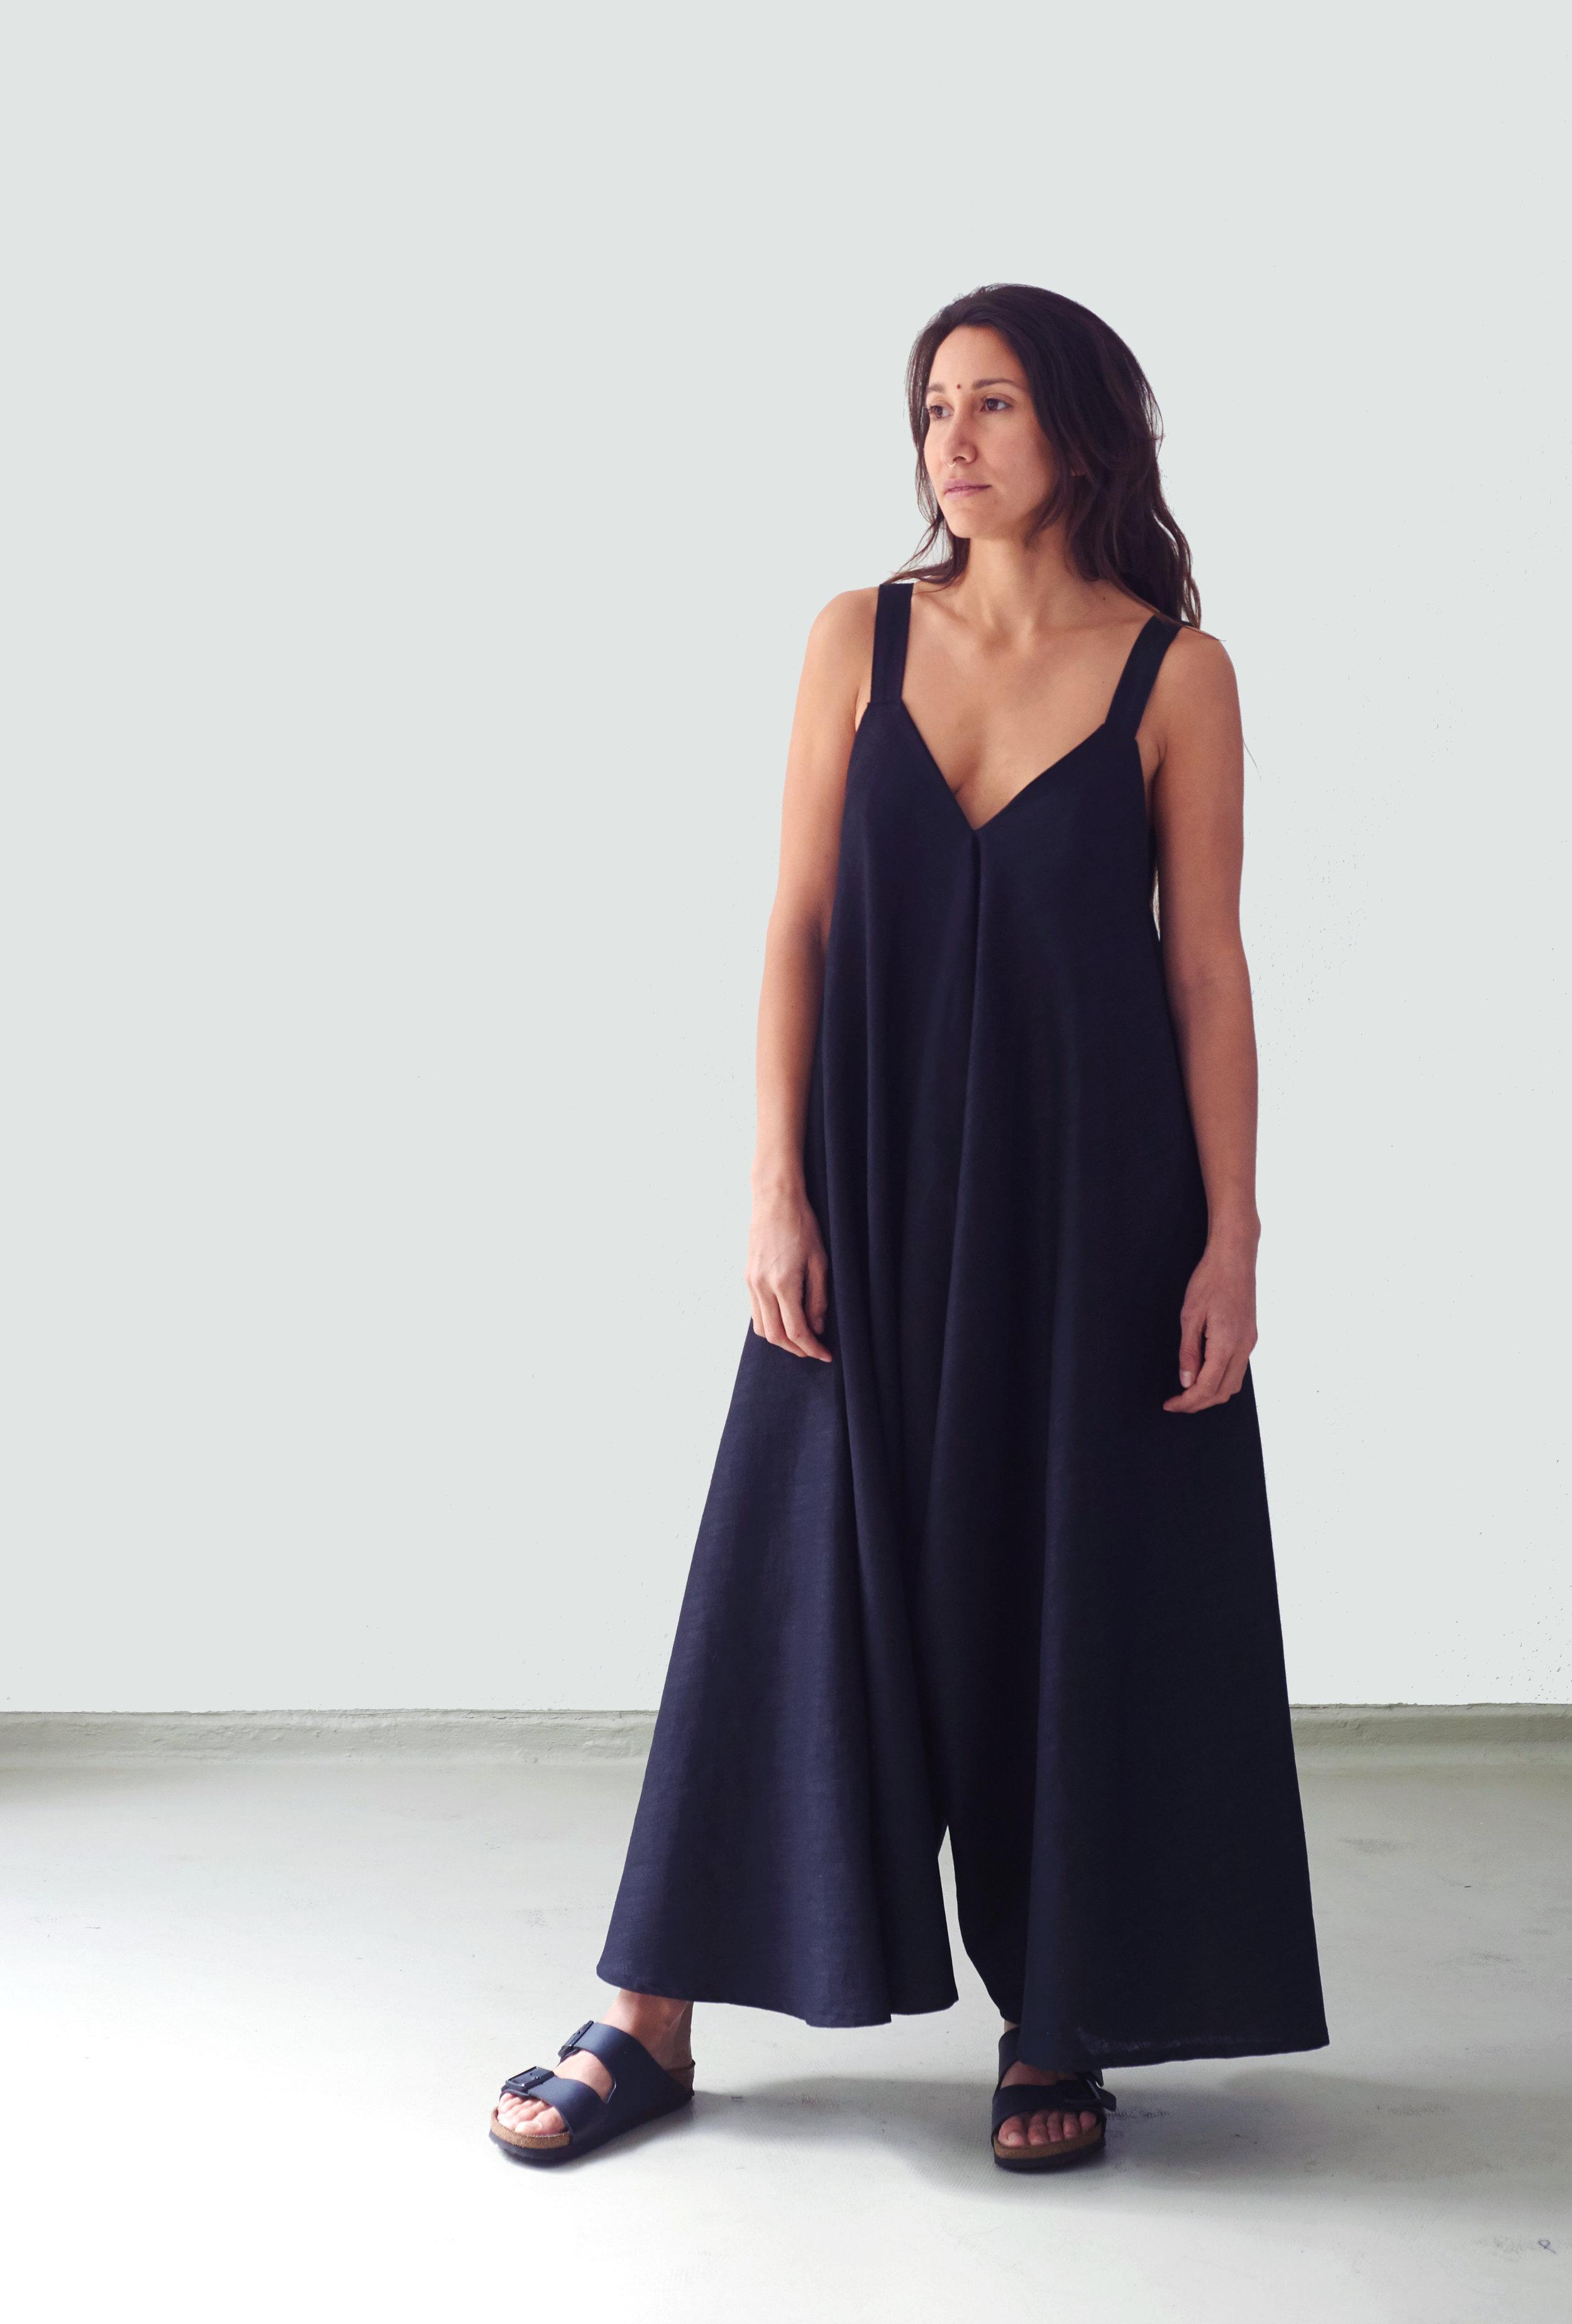 black overall.jpg